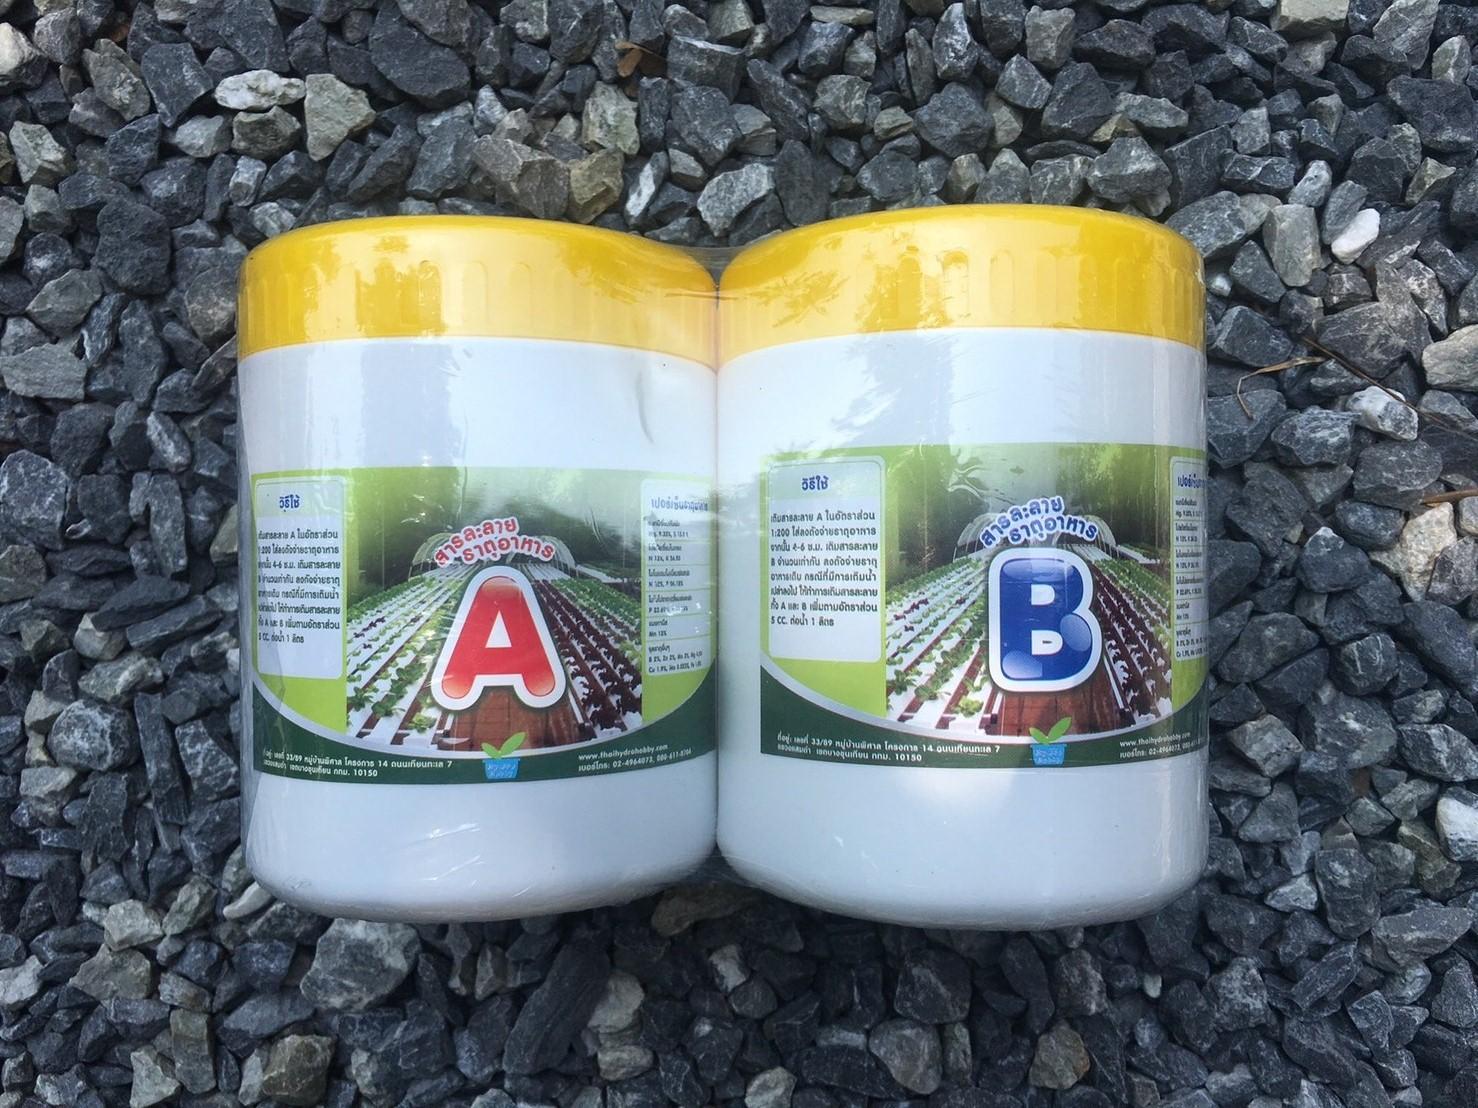 ธาตุอาหาร AB 10 ลิตร (ชนิดผง)